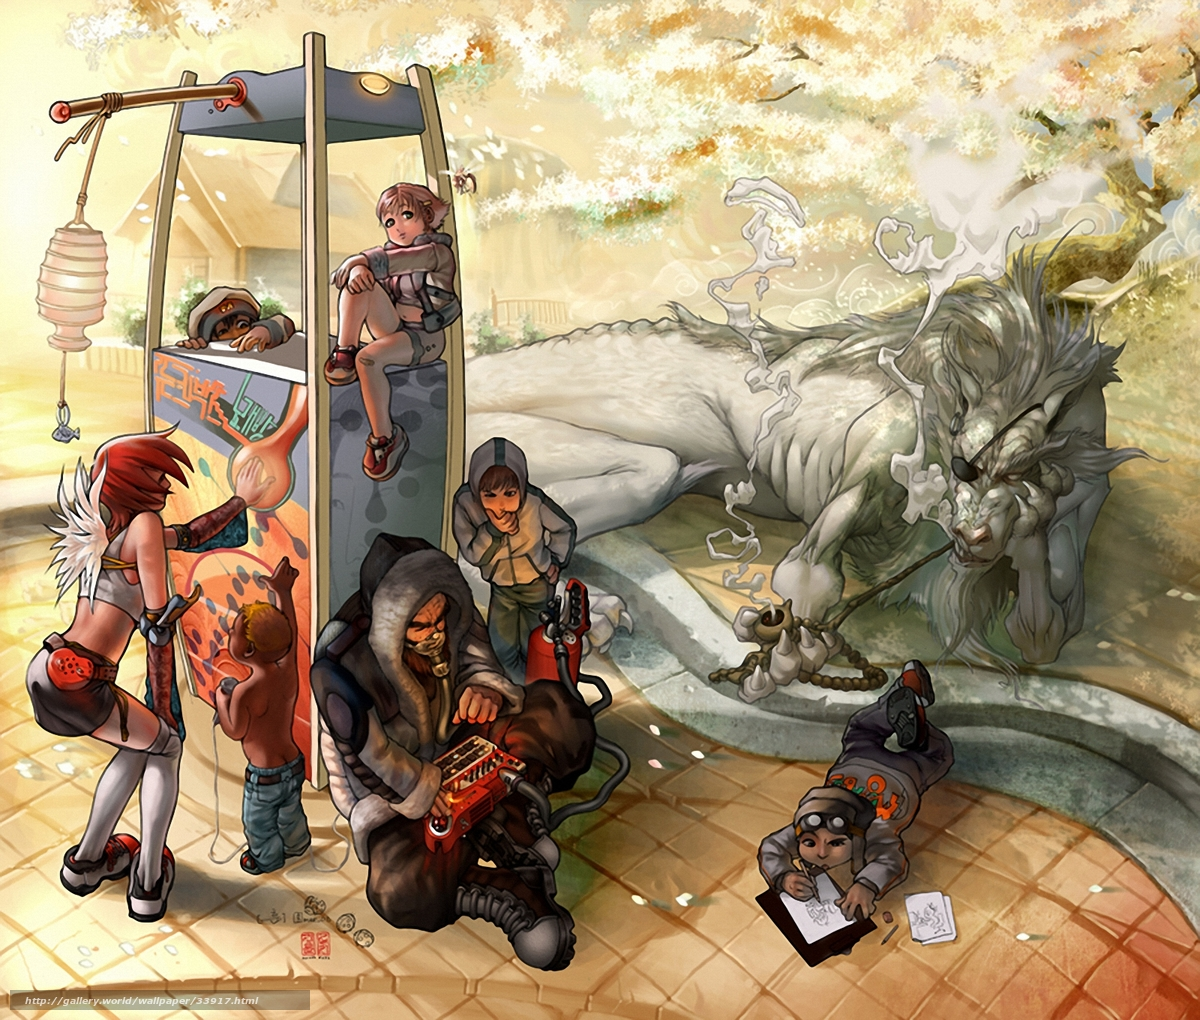 Скачать обои для рабочего стола дракон, люди, аниме все бесплатно на...